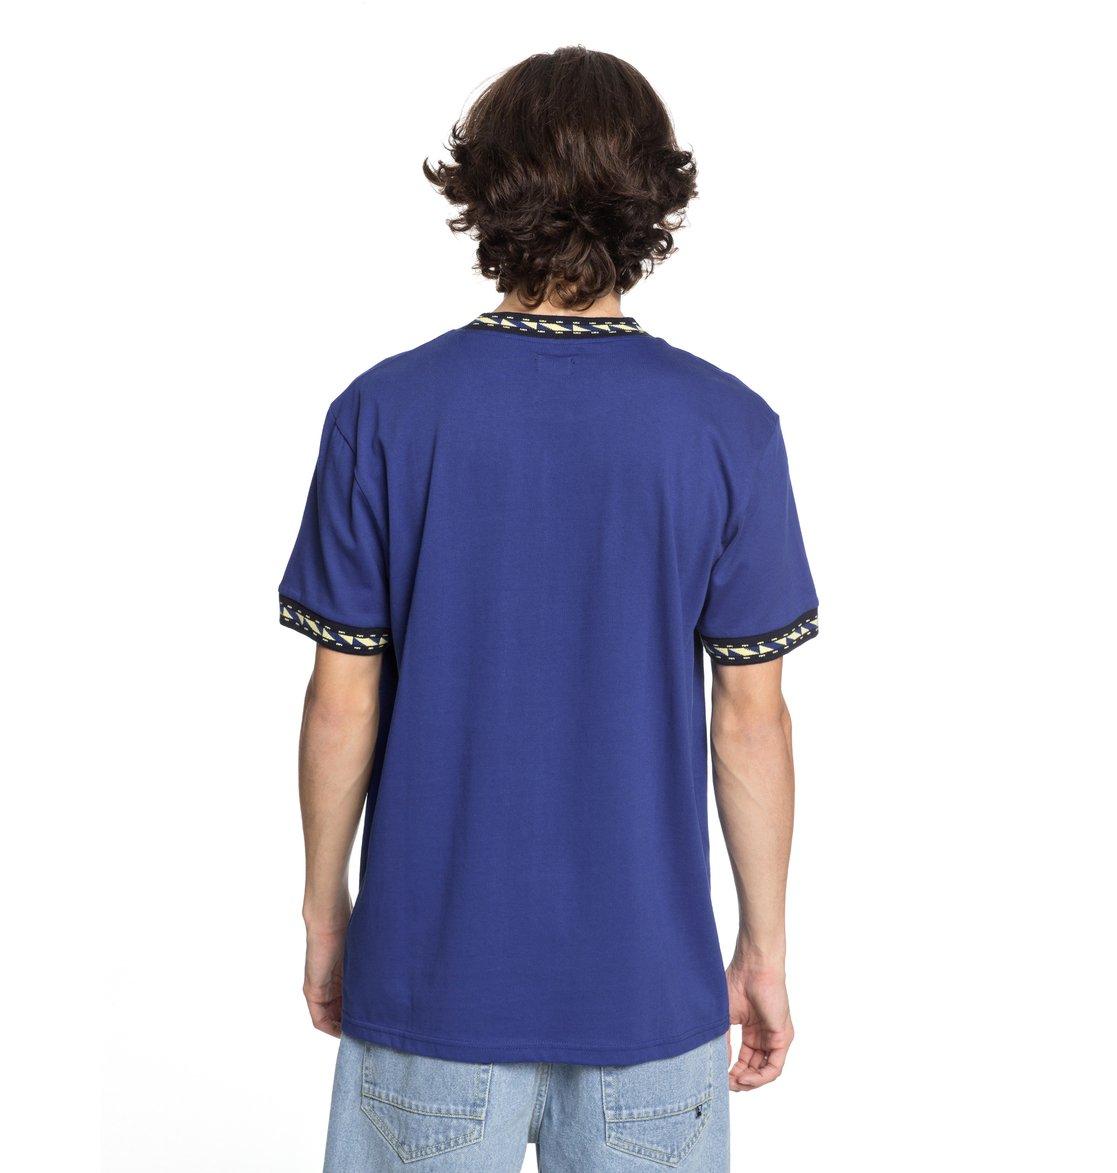 Dunbar t shirt avec poche edykt03372 dc shoes - T shirt avec photo ...